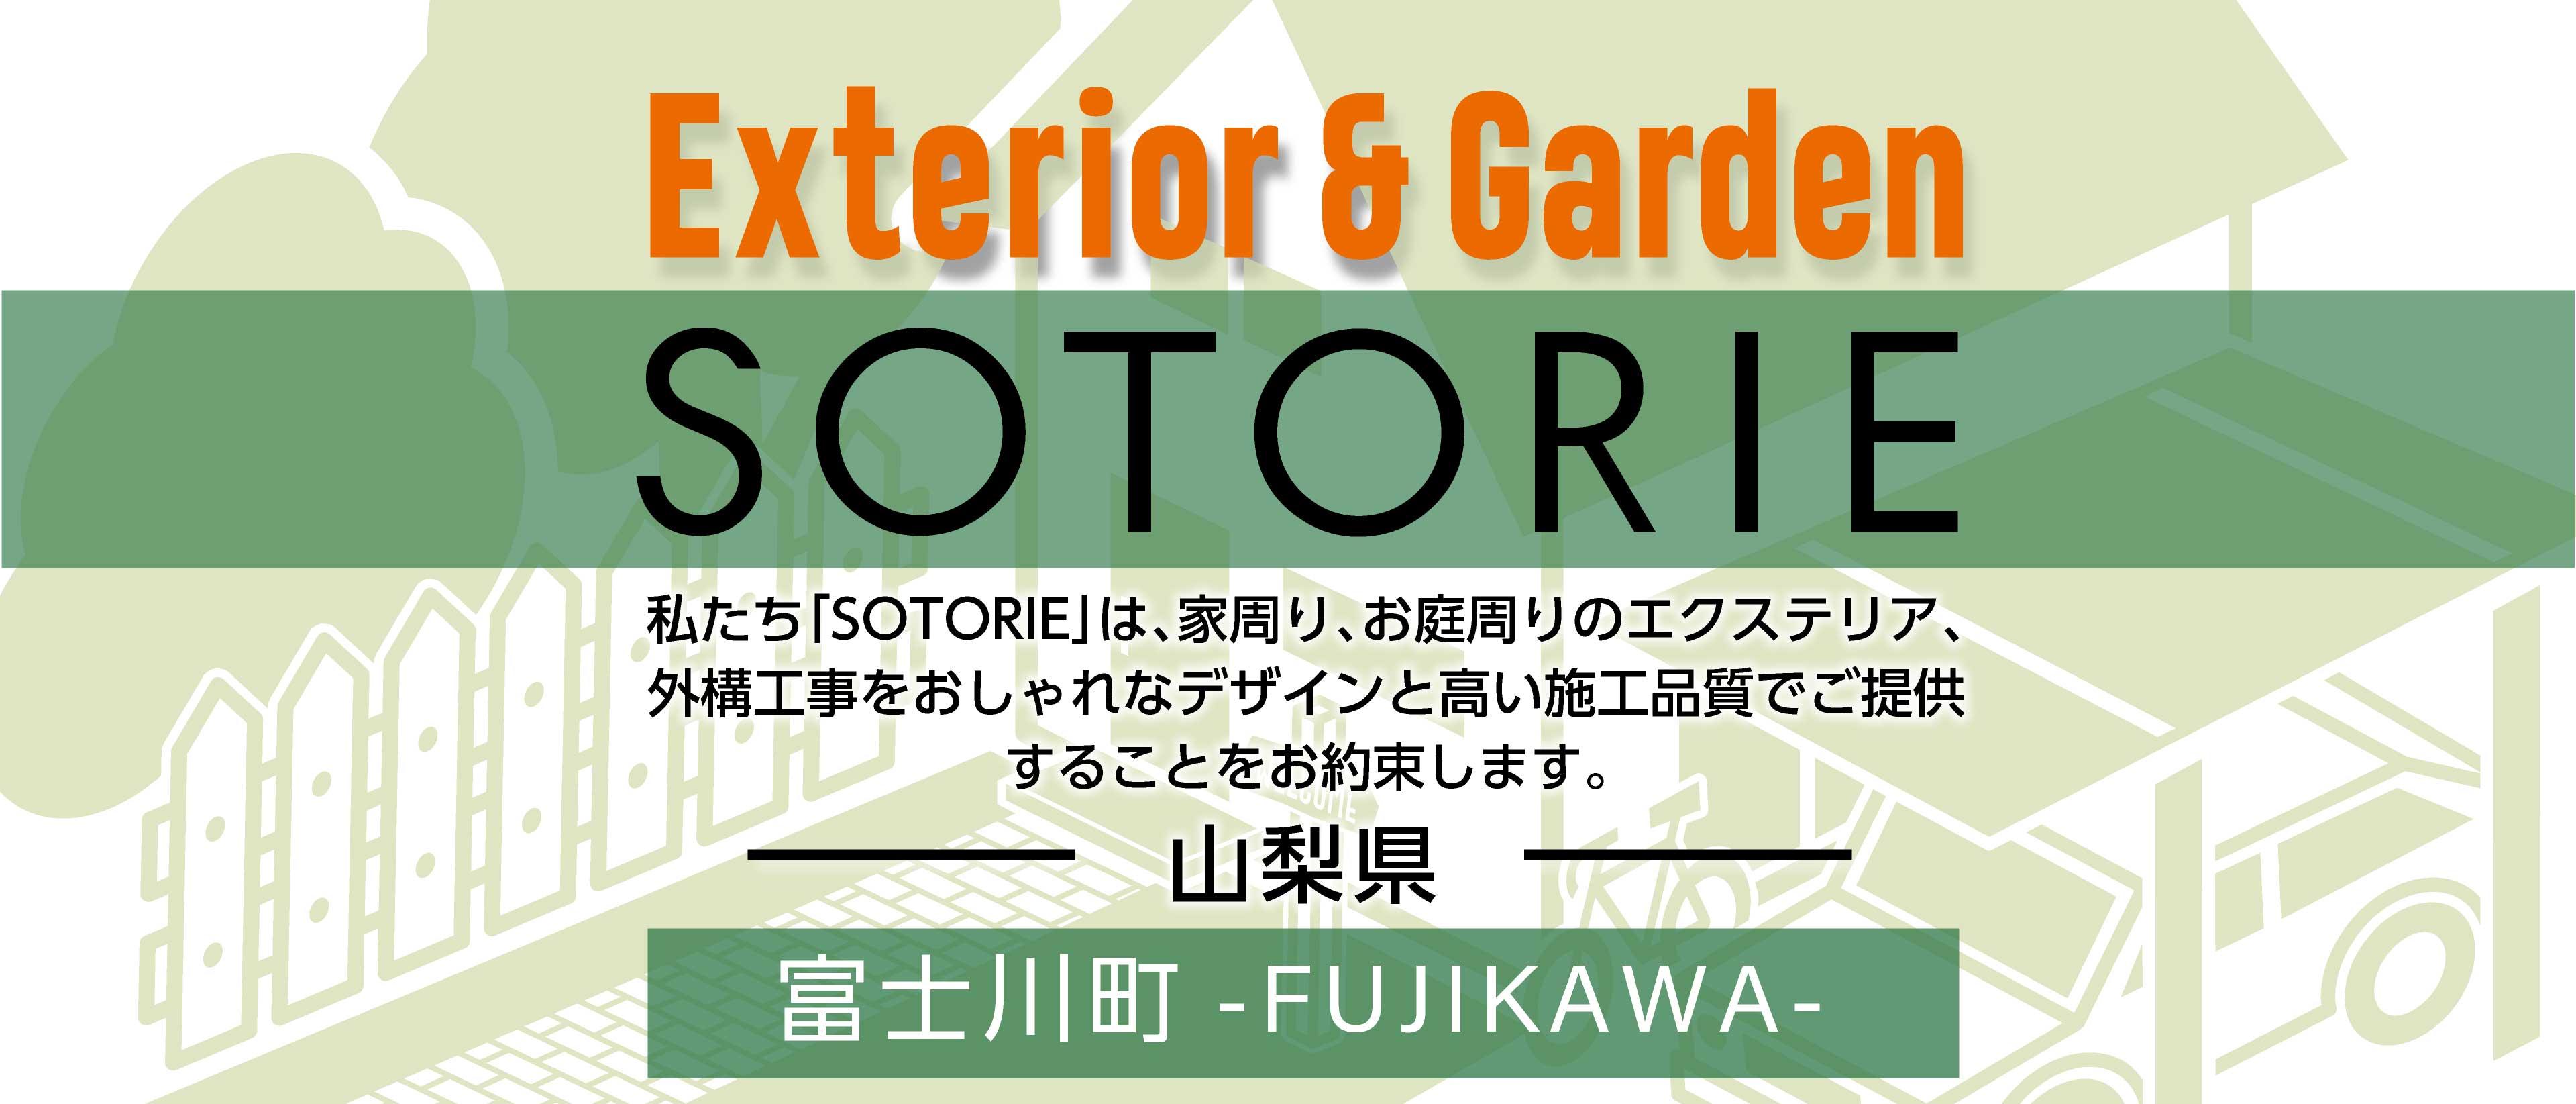 ソトリエ富士川町では、家周りと庭周りの外構、エクステリア工事をおしゃれなデザインと高い施工品質でご提供することをお約束します。